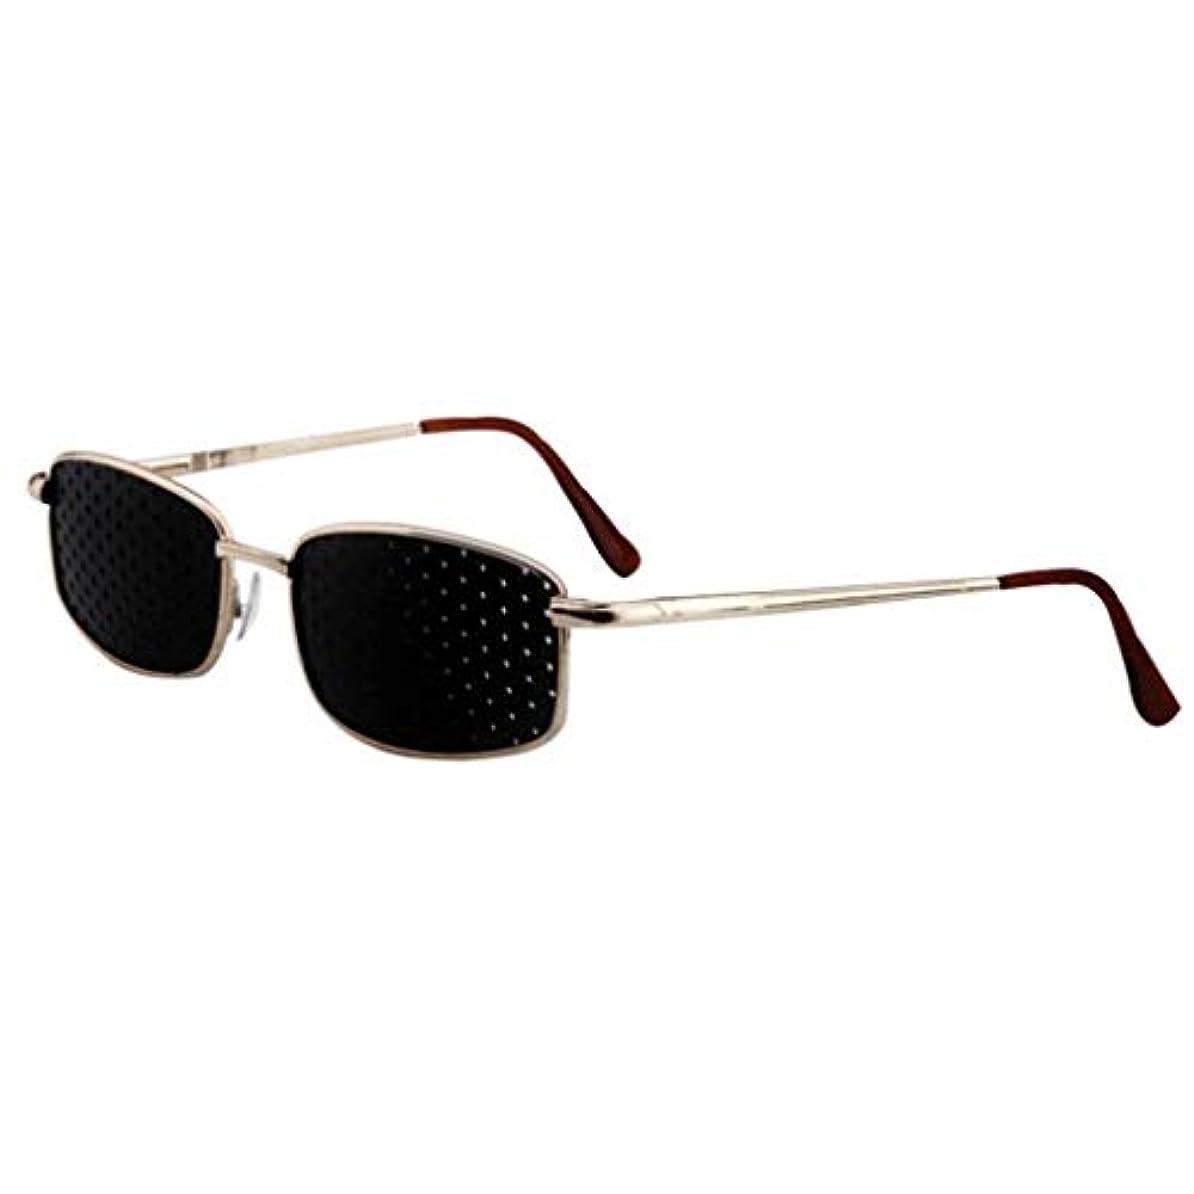 フリッパー新着少年ピンホールメガネ、視力矯正メガネ網状視力保護メガネ耐疲労性メガネ近視の防止メガネの改善